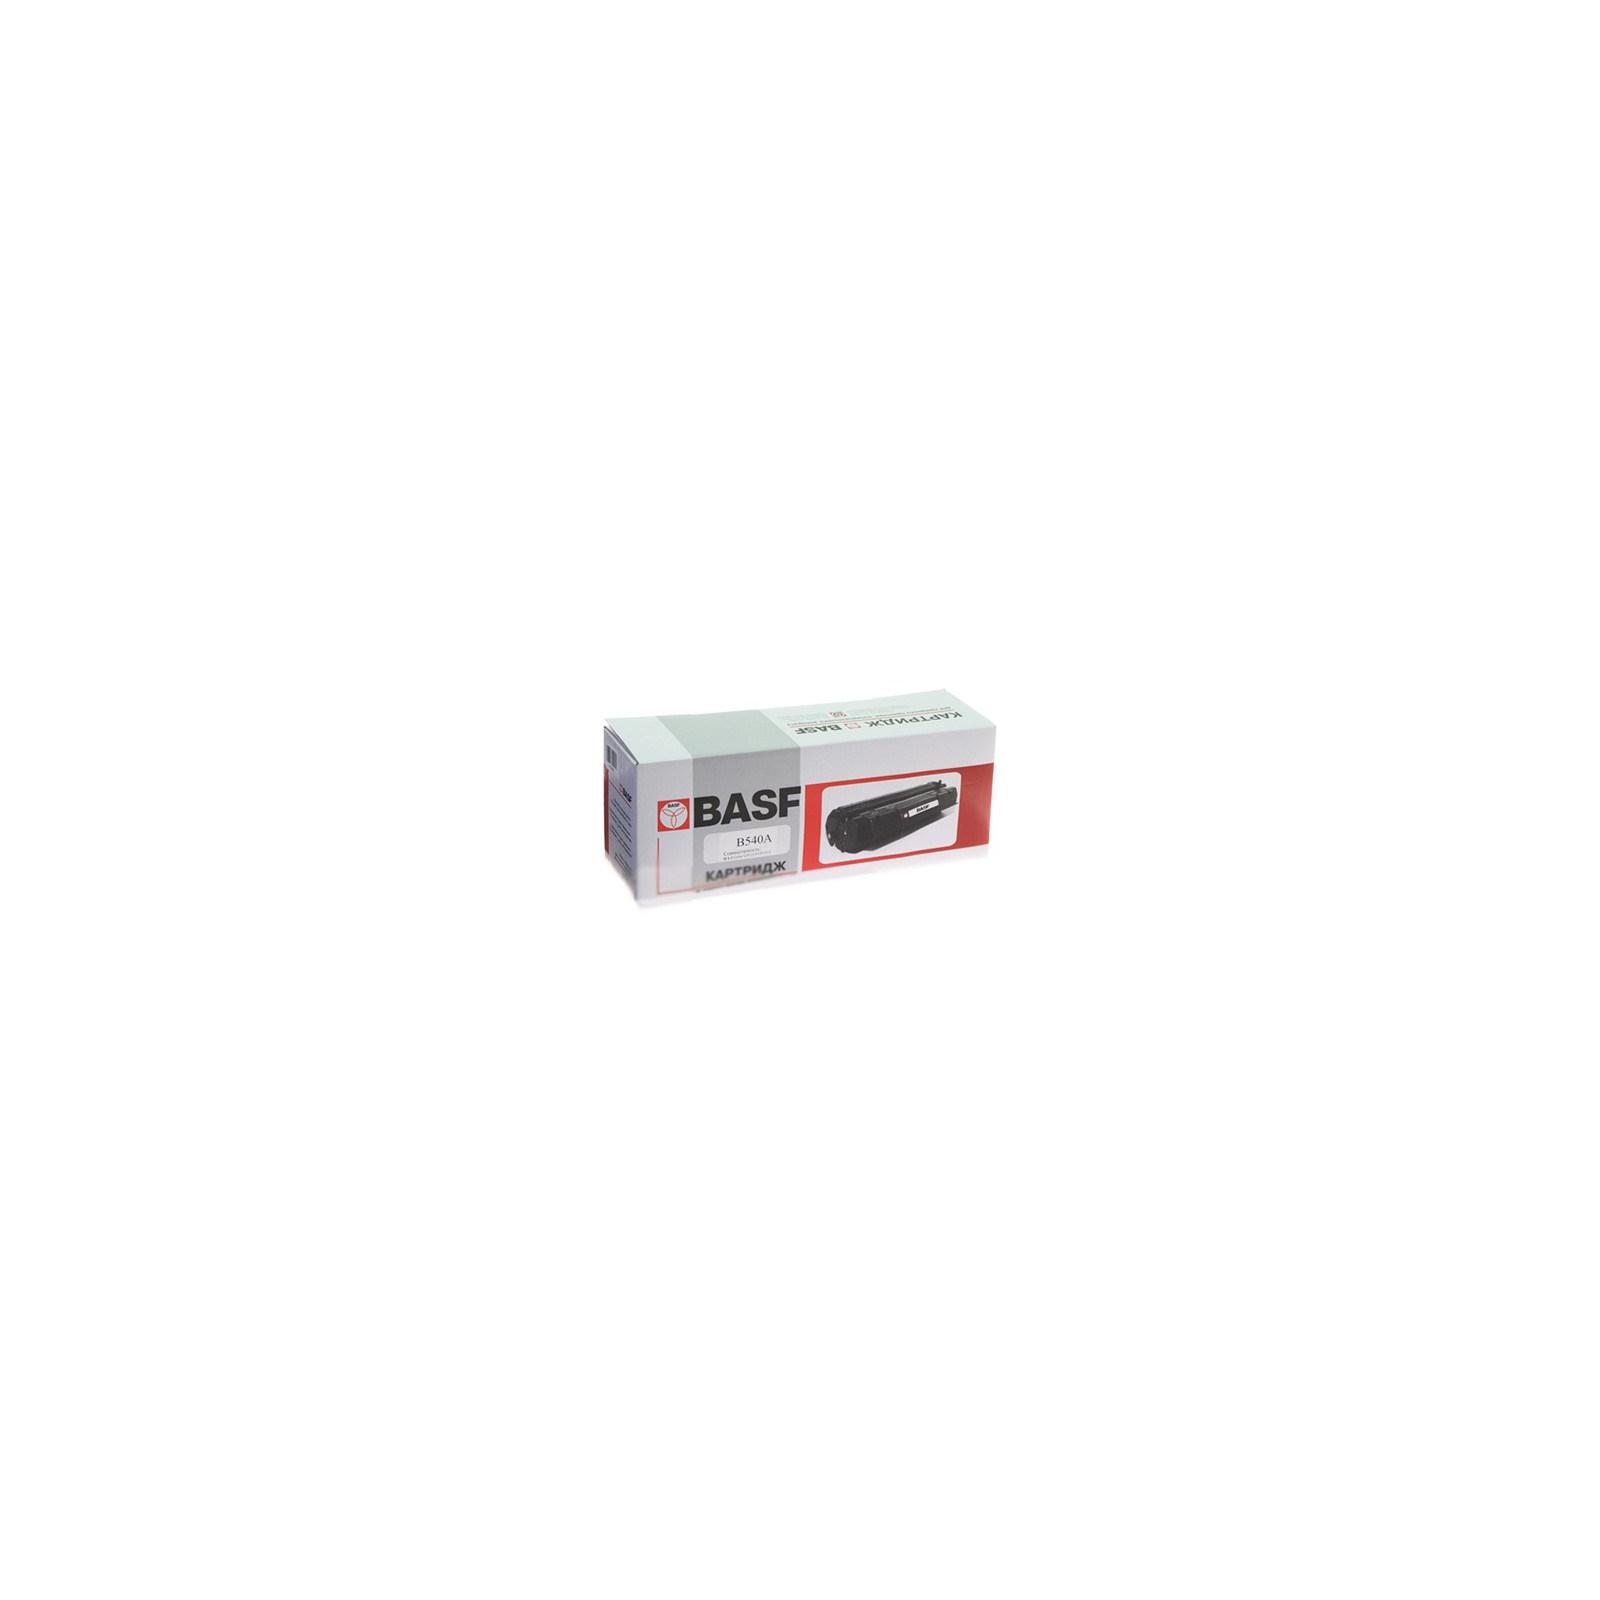 Картридж BASF для HP CLJ CP1215 Black (B540A)